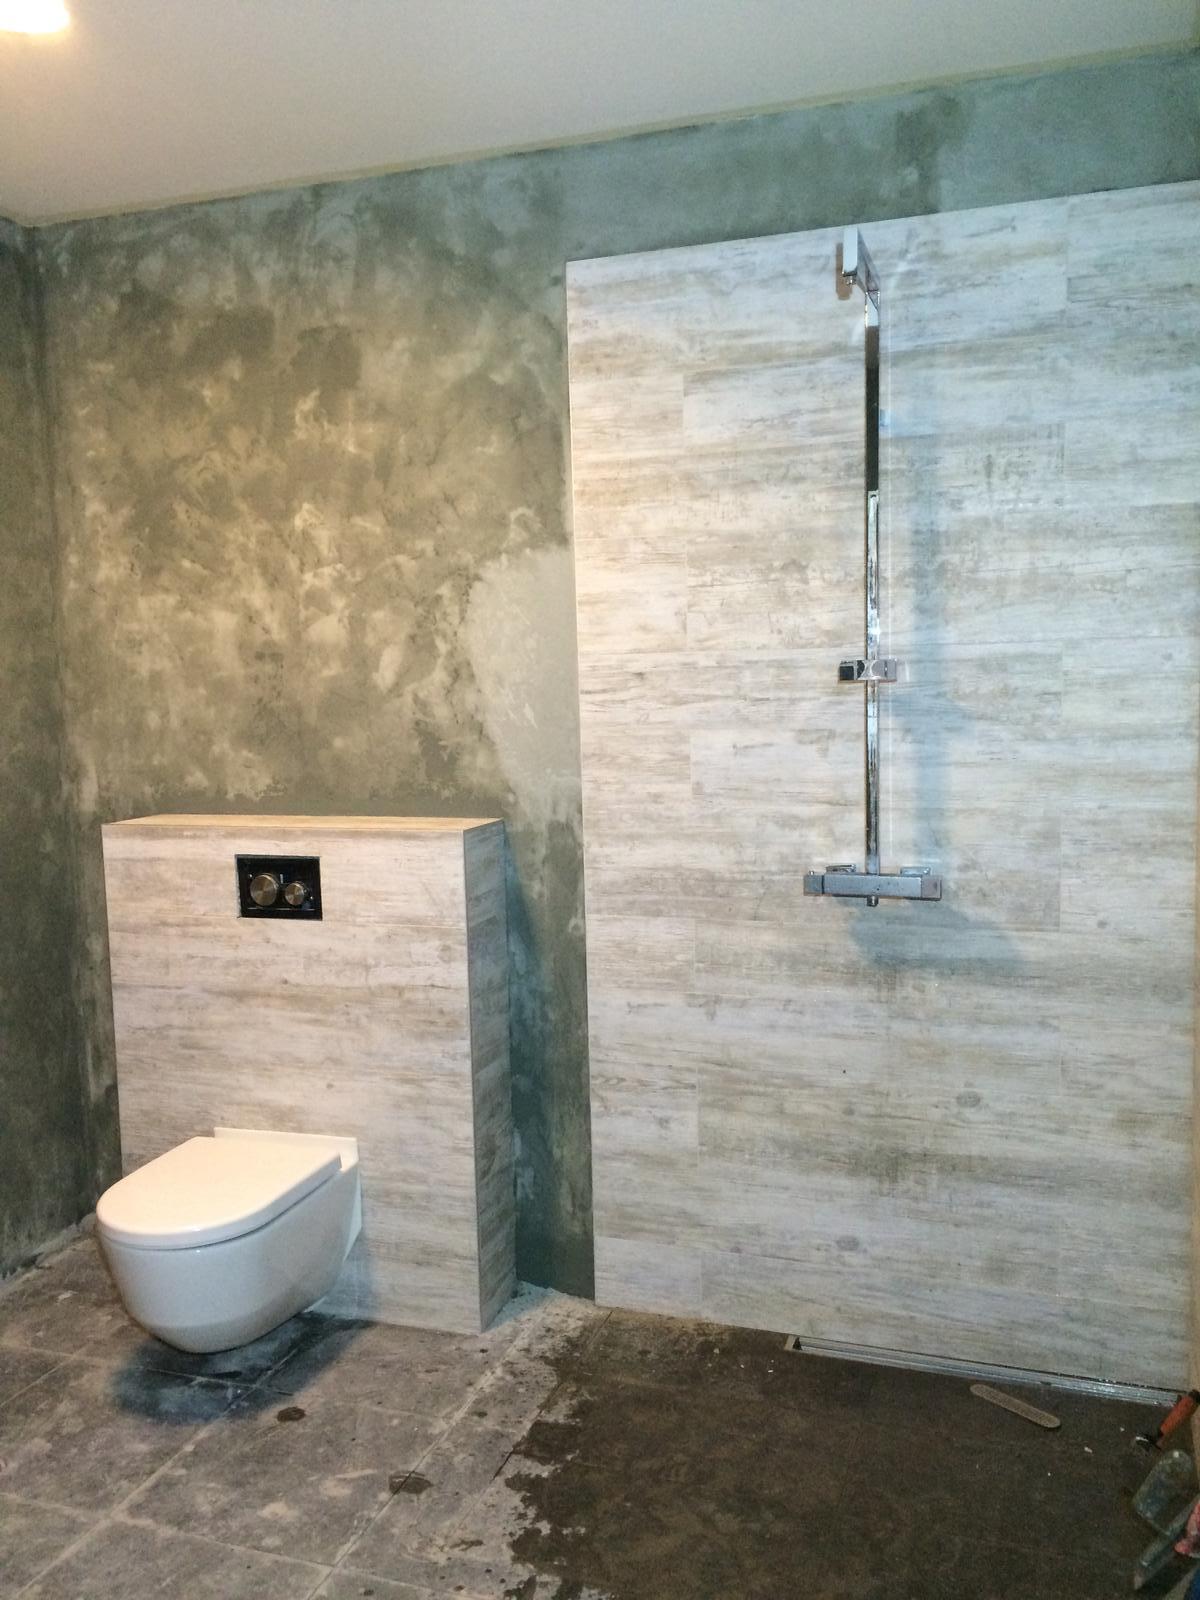 Splněný sen ... domeček - Koupelna skoro dosterkovana :( sterka dosla, pod zrcadlo nezbylo ... Takze dokoupit, natahnout finalni lazuru, vysparovat podlahu, privrtat dvere sprchacu a doselat stolek pod umyvadlo, to pripojit a maaame hotovo :) .... Takove malickosti ;)